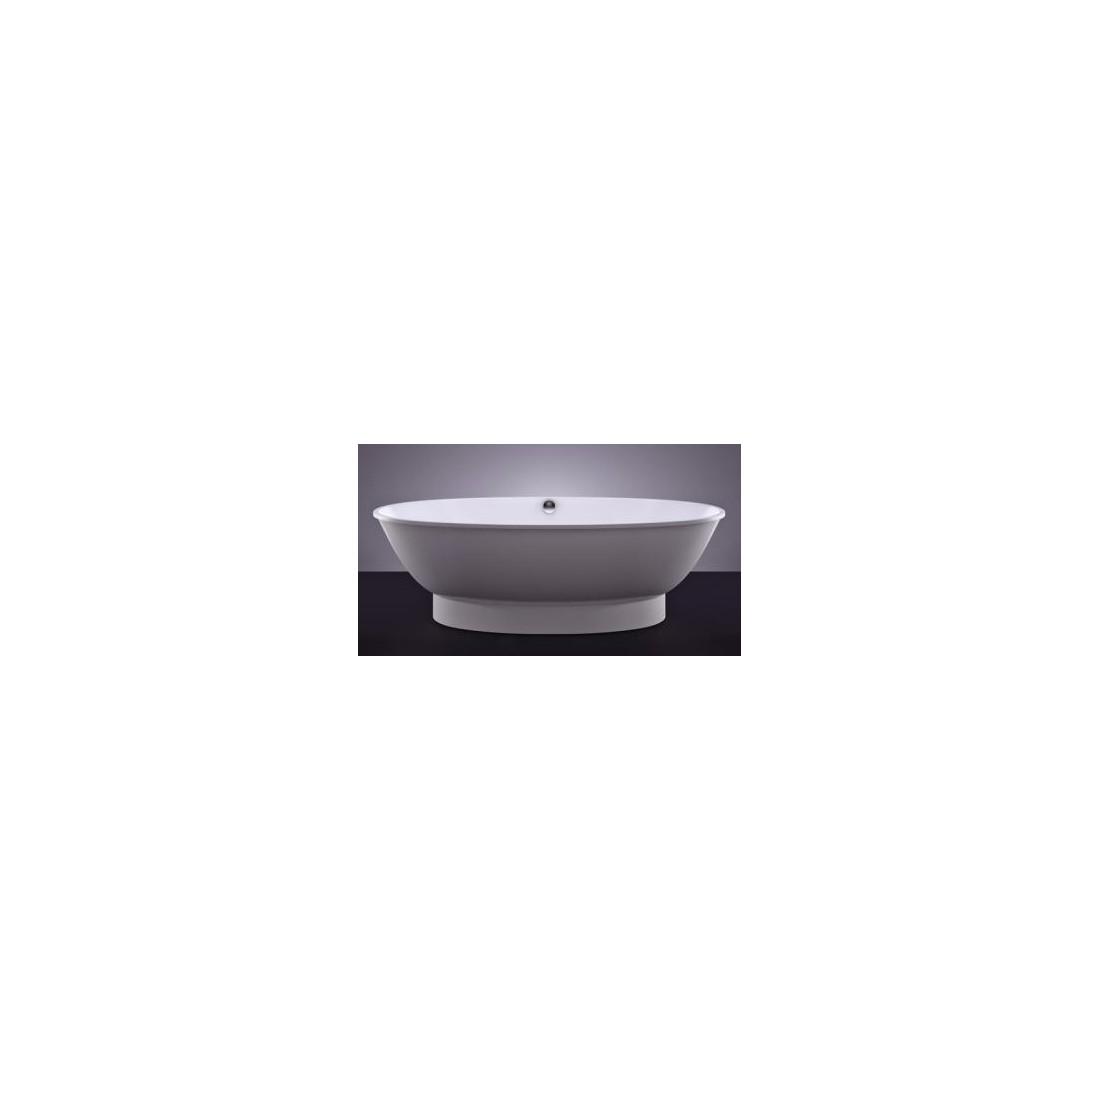 Akmens masės vonia VISPOOL GLORIA 184x90 balta